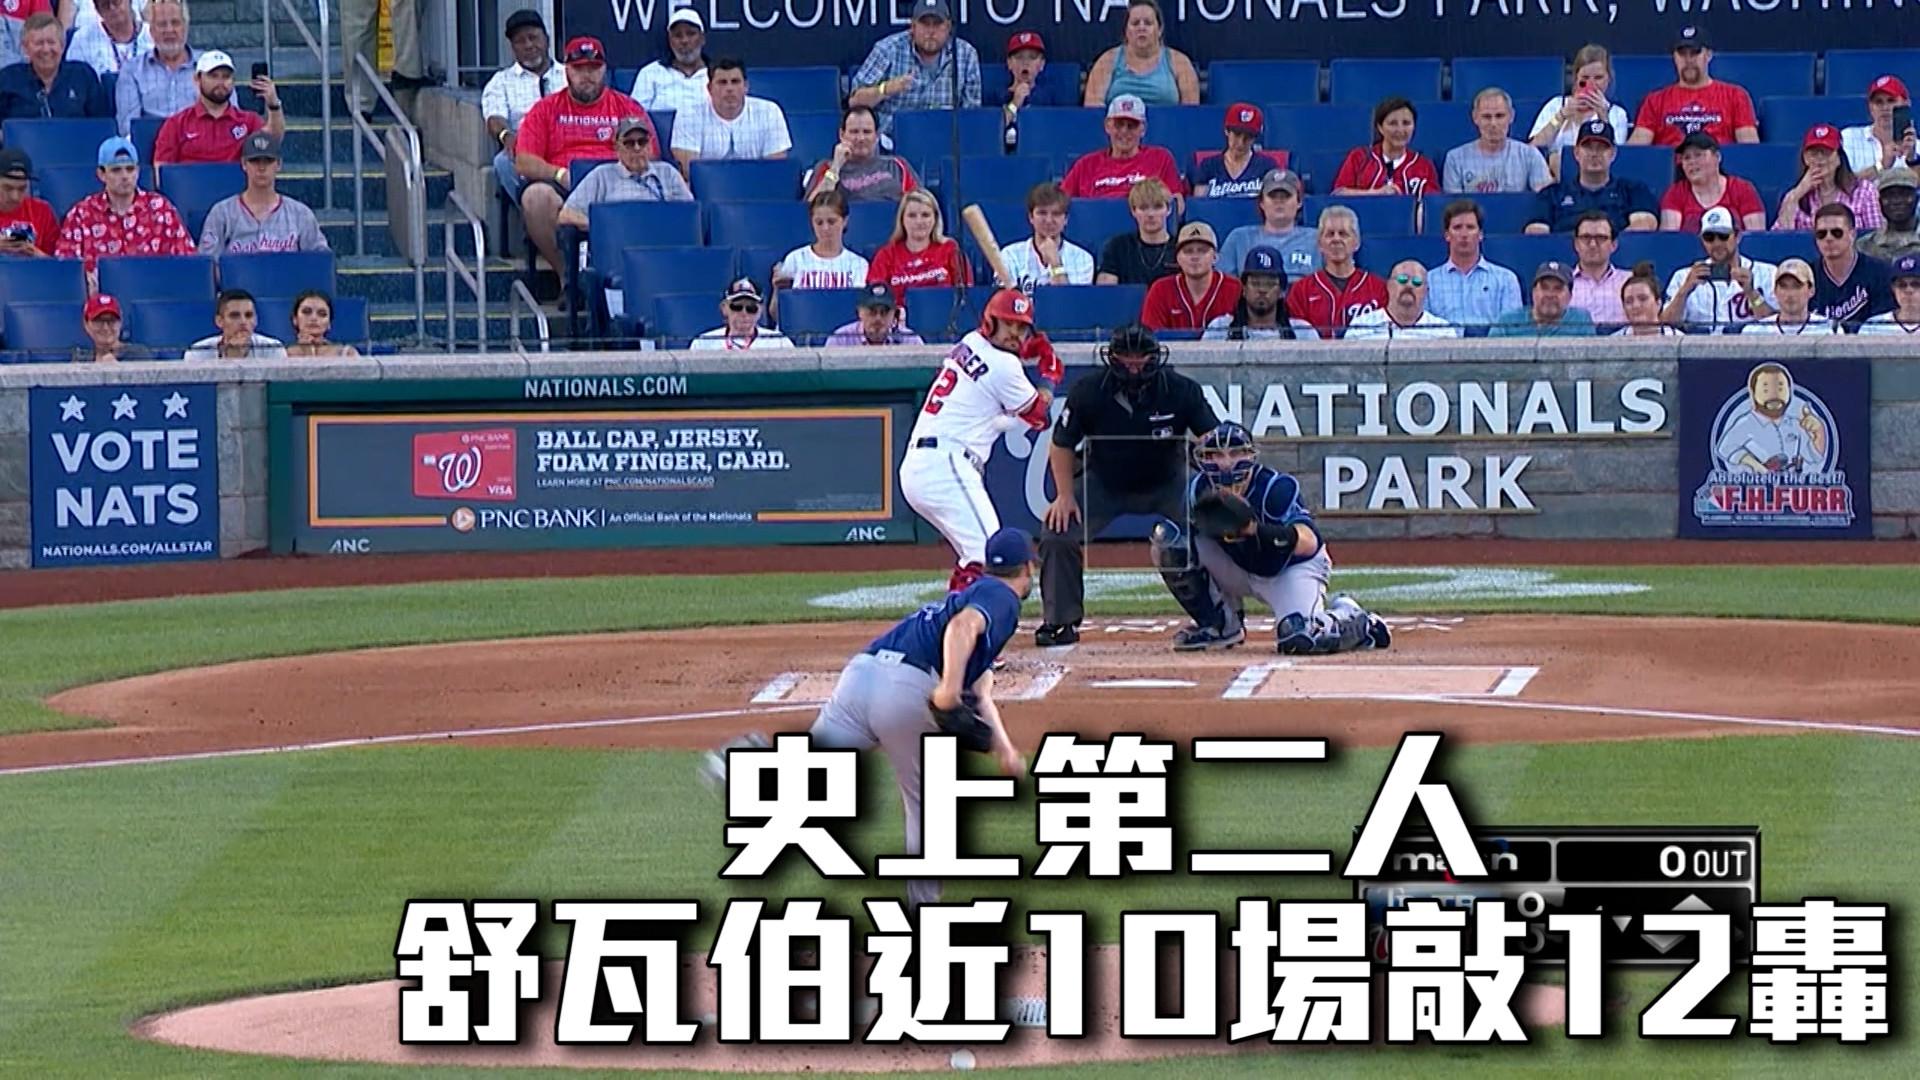 【MLB看愛爾達】近10場敲12轟 舒瓦伯率國民擊敗光芒 06/30